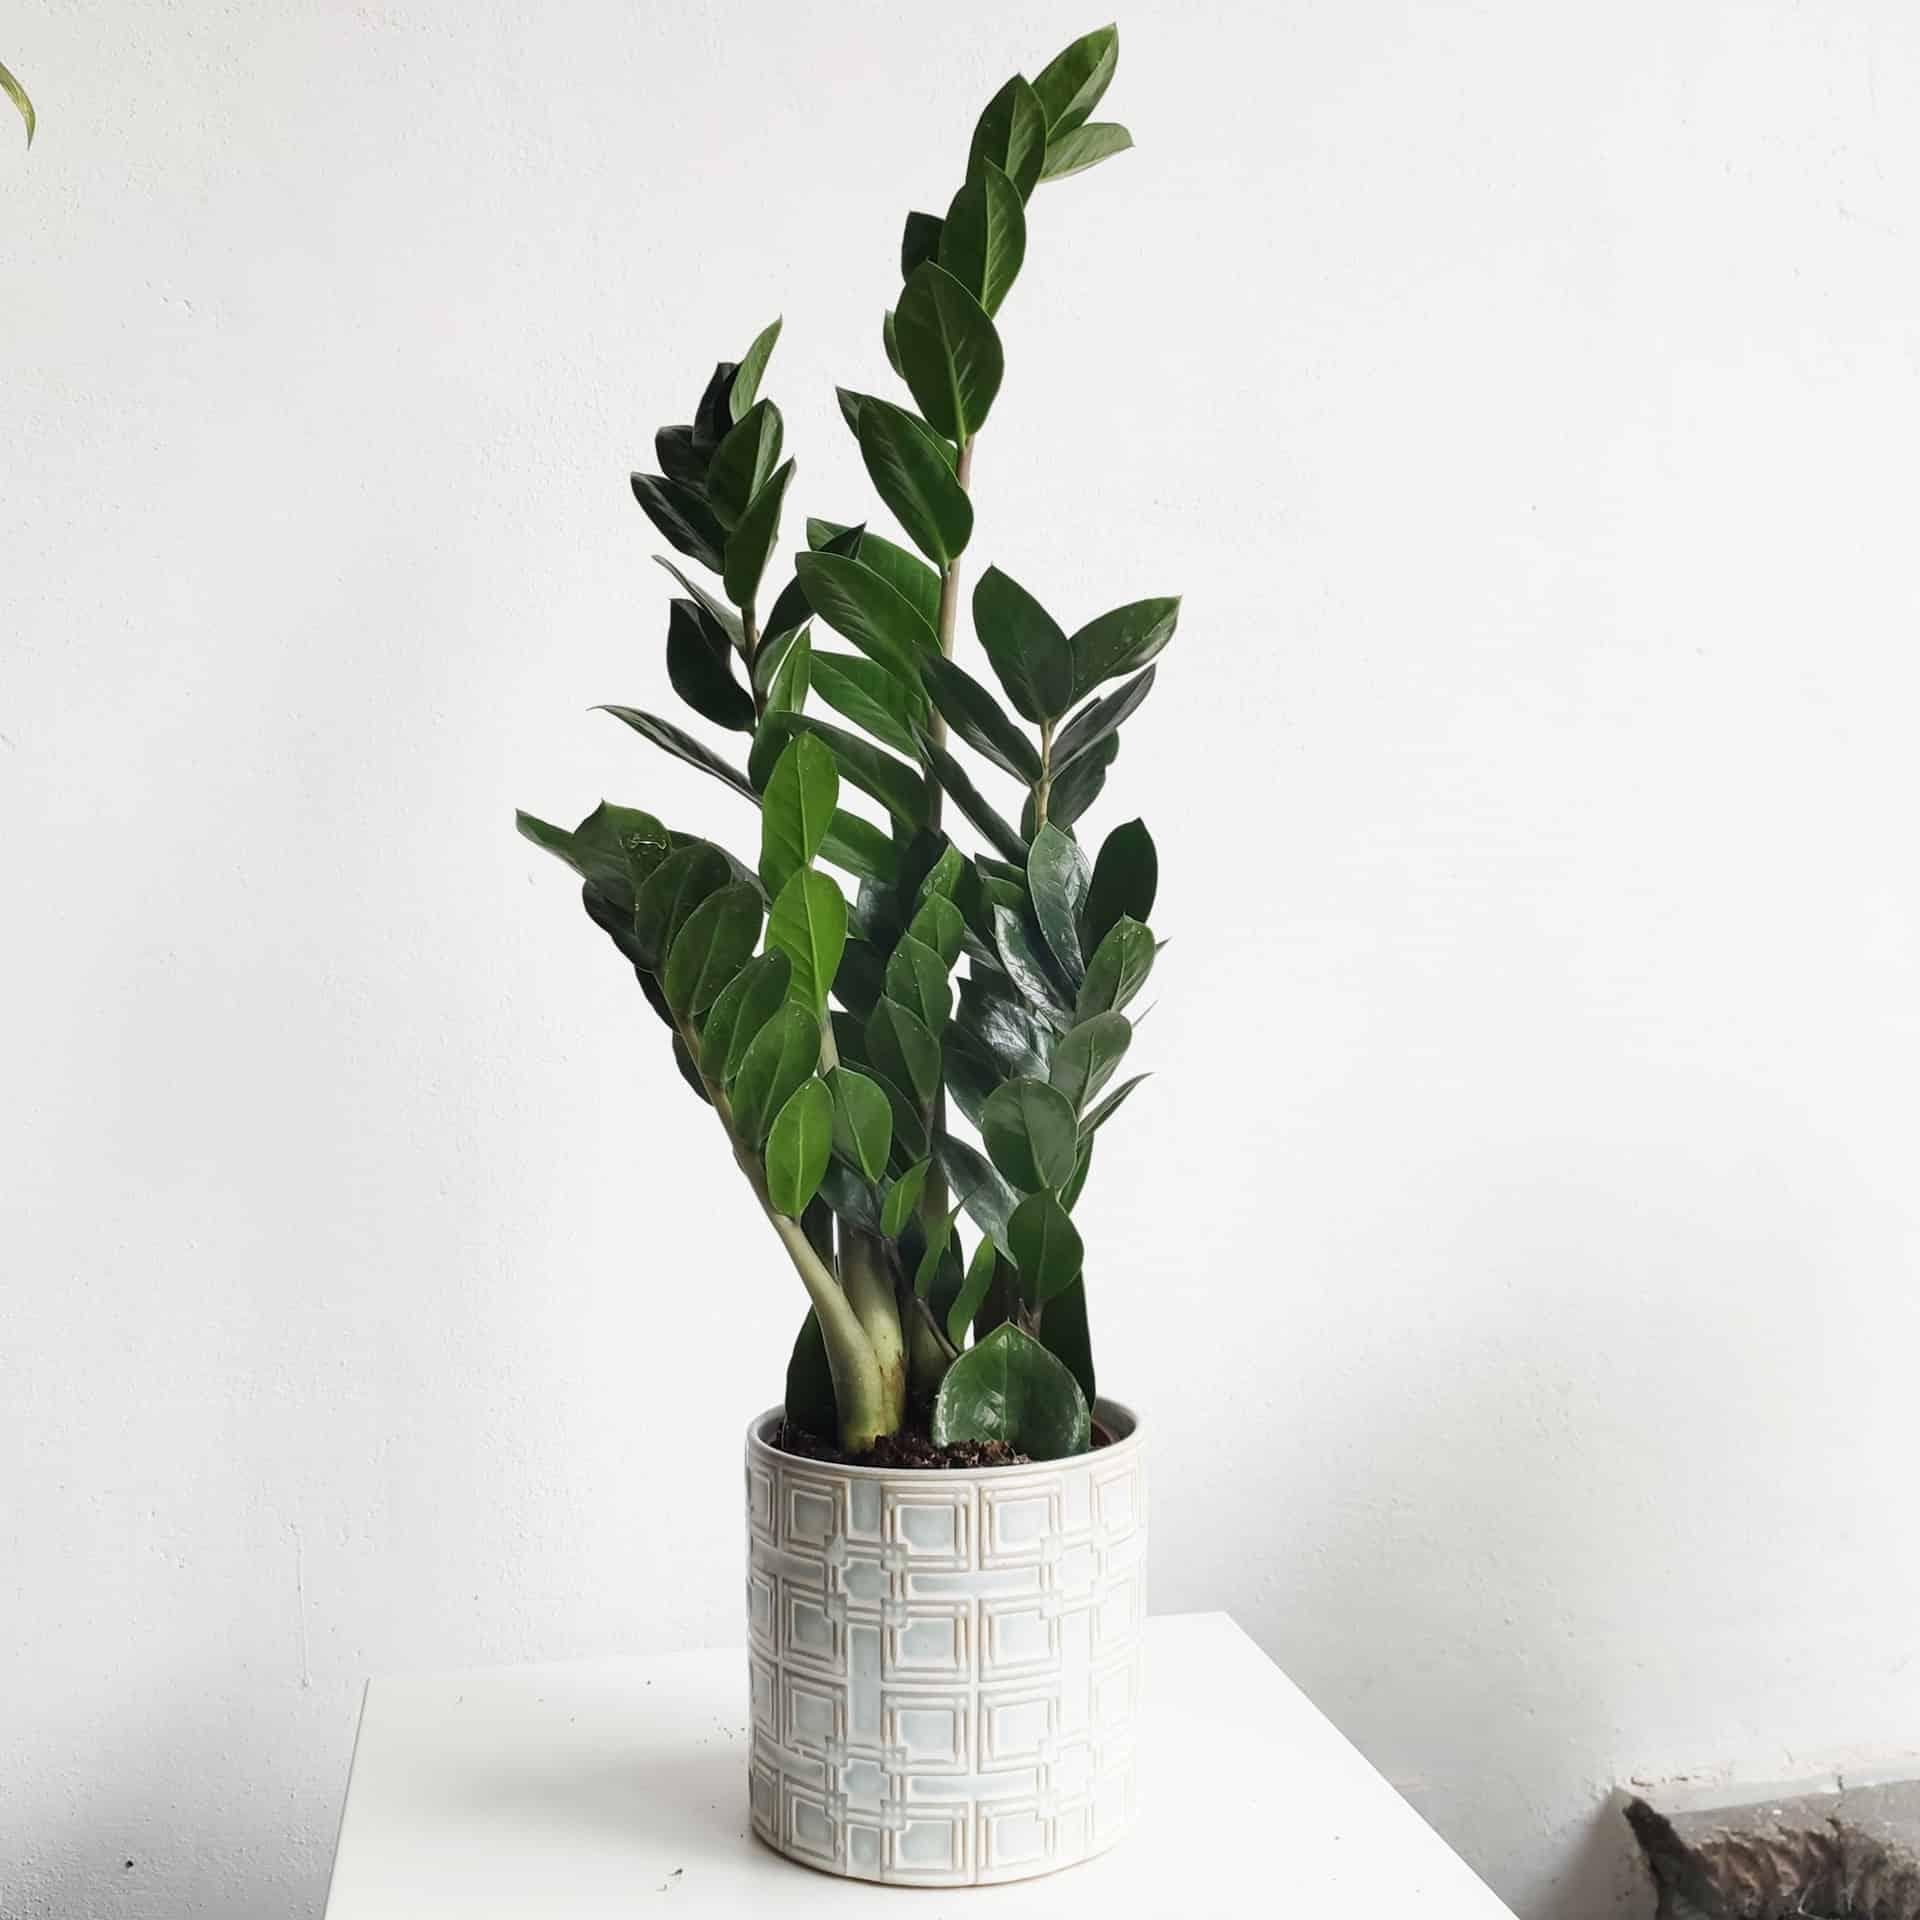 jakie rośliny wdomu zamiokulkas